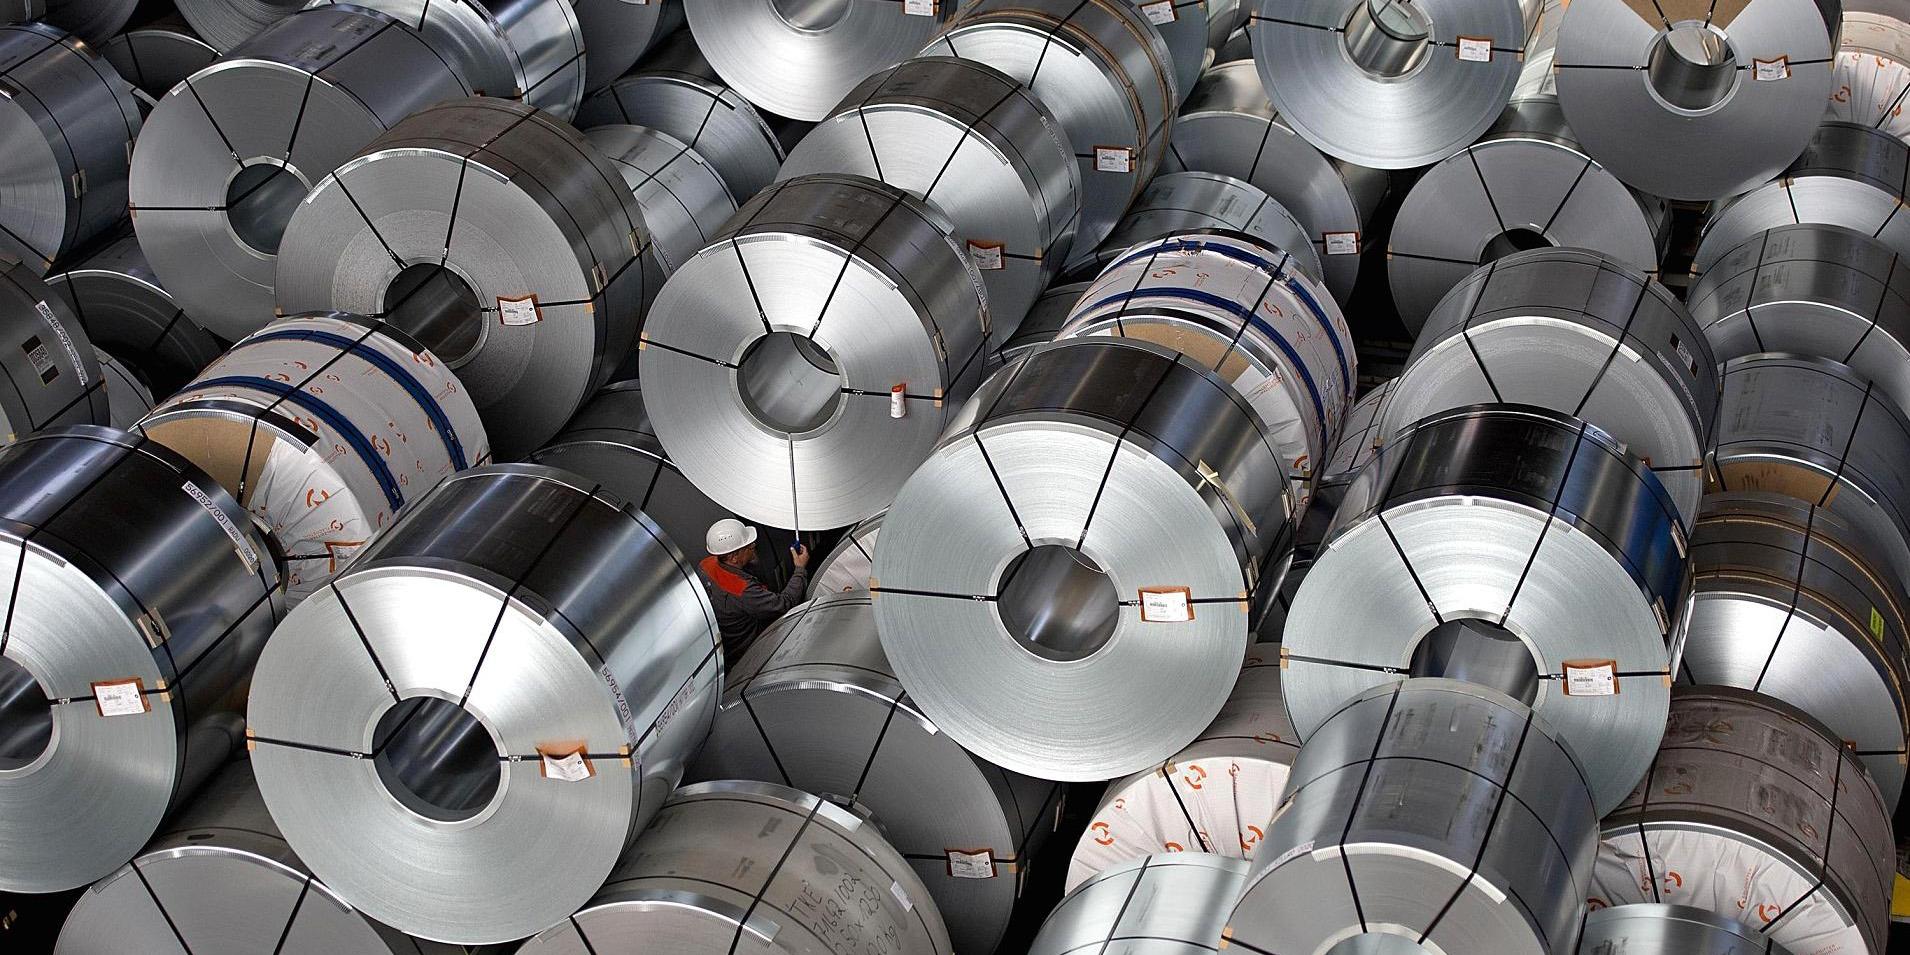 ایران چهاردهمین کشور تولید کننده فولاد جهان در سال ۲۰۱۶